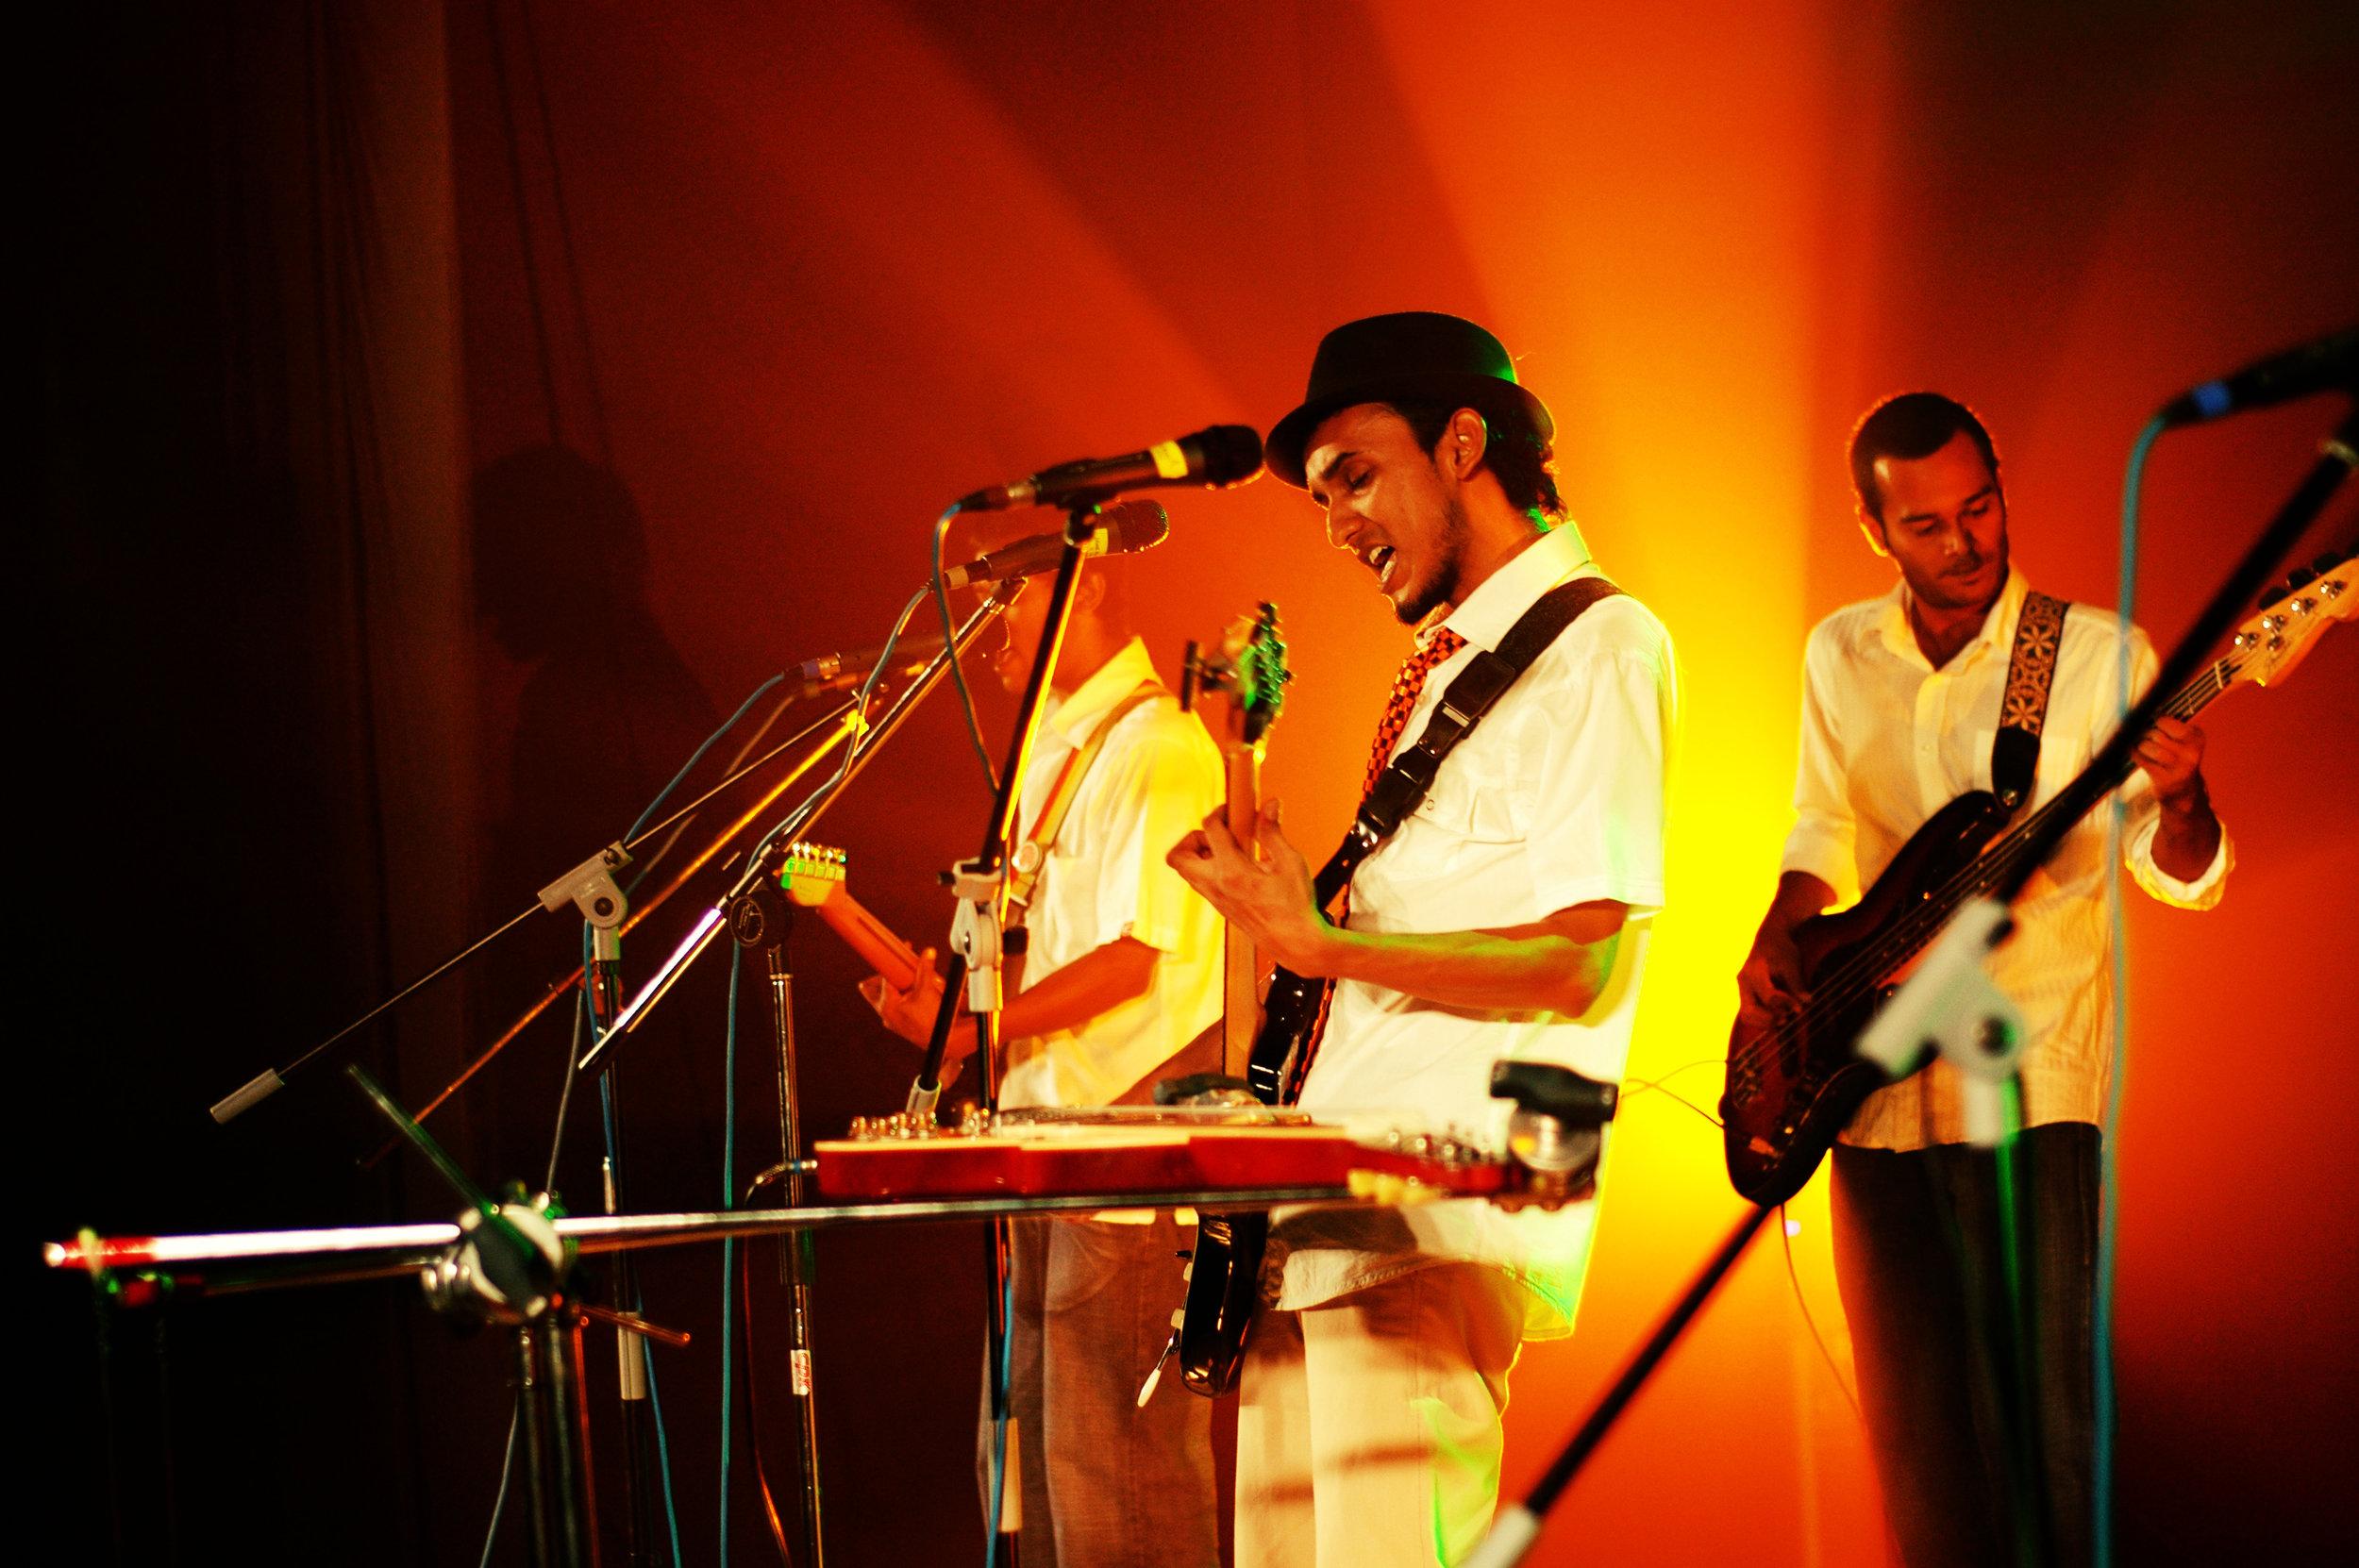 2009-08-19 - Male' City - Dharubaaruge' - Eku Ekee Album Launch - D70s--3.jpg